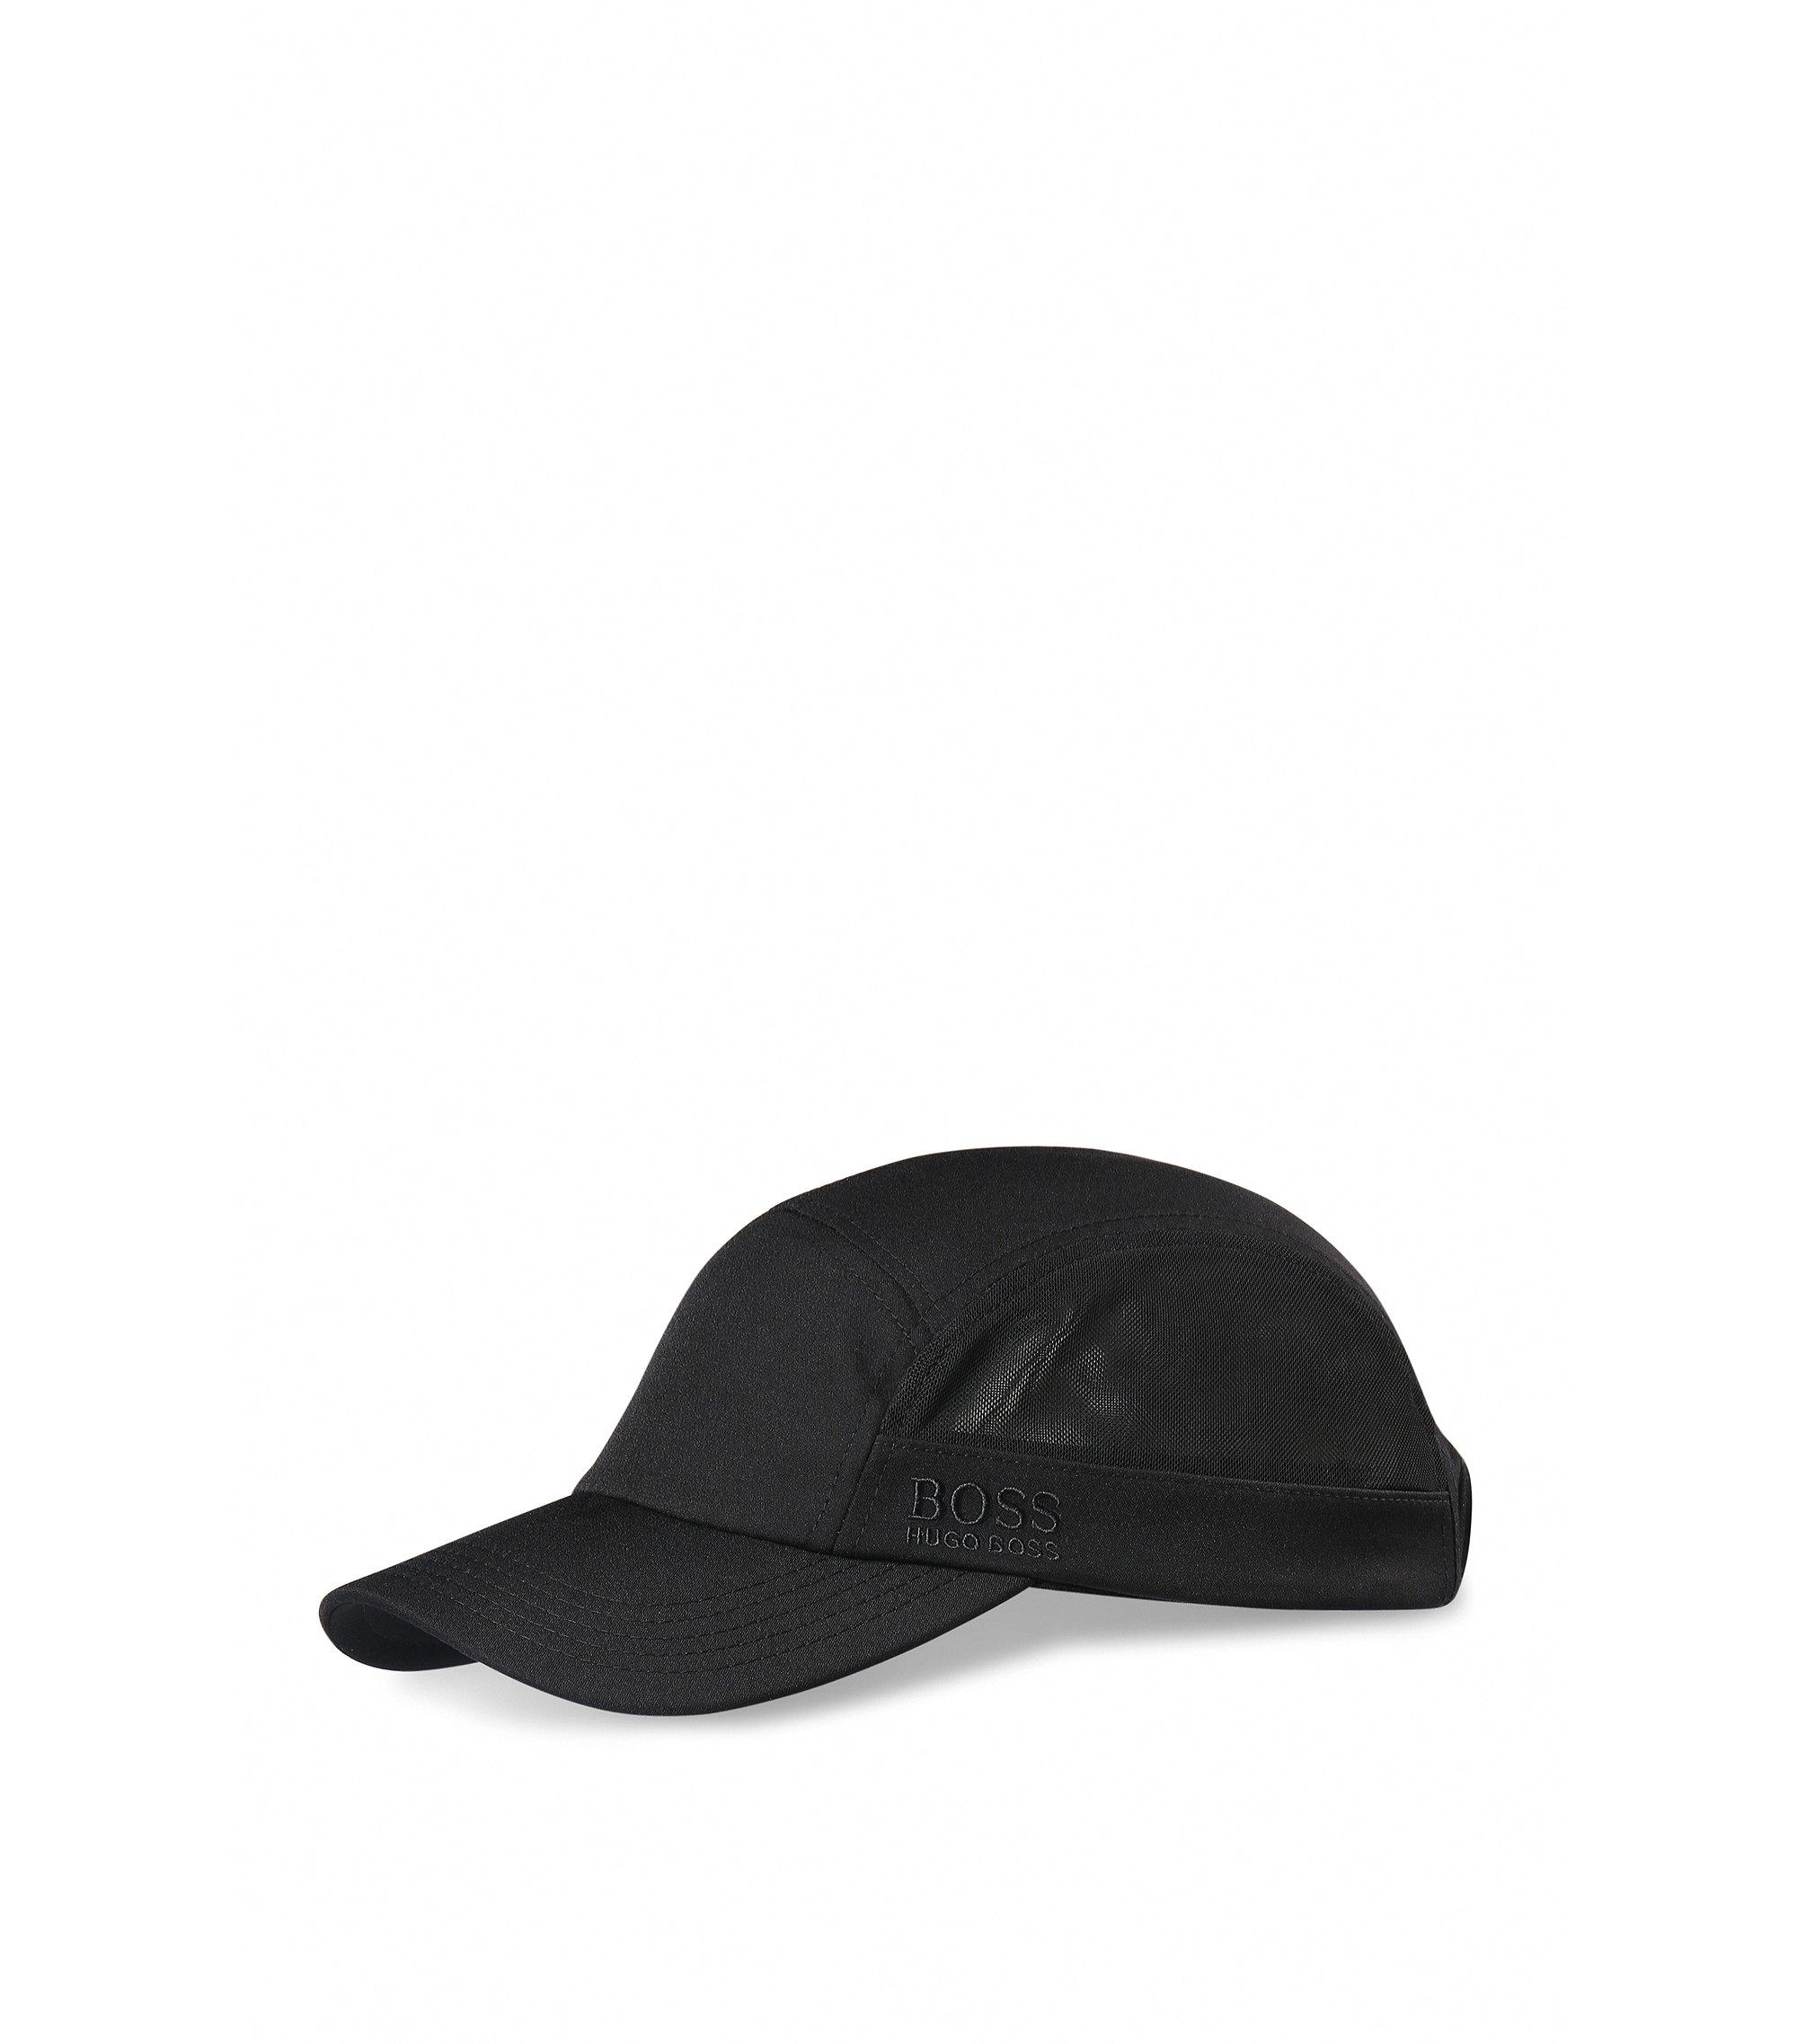 Mesh Hat | Cap Athletic, Black